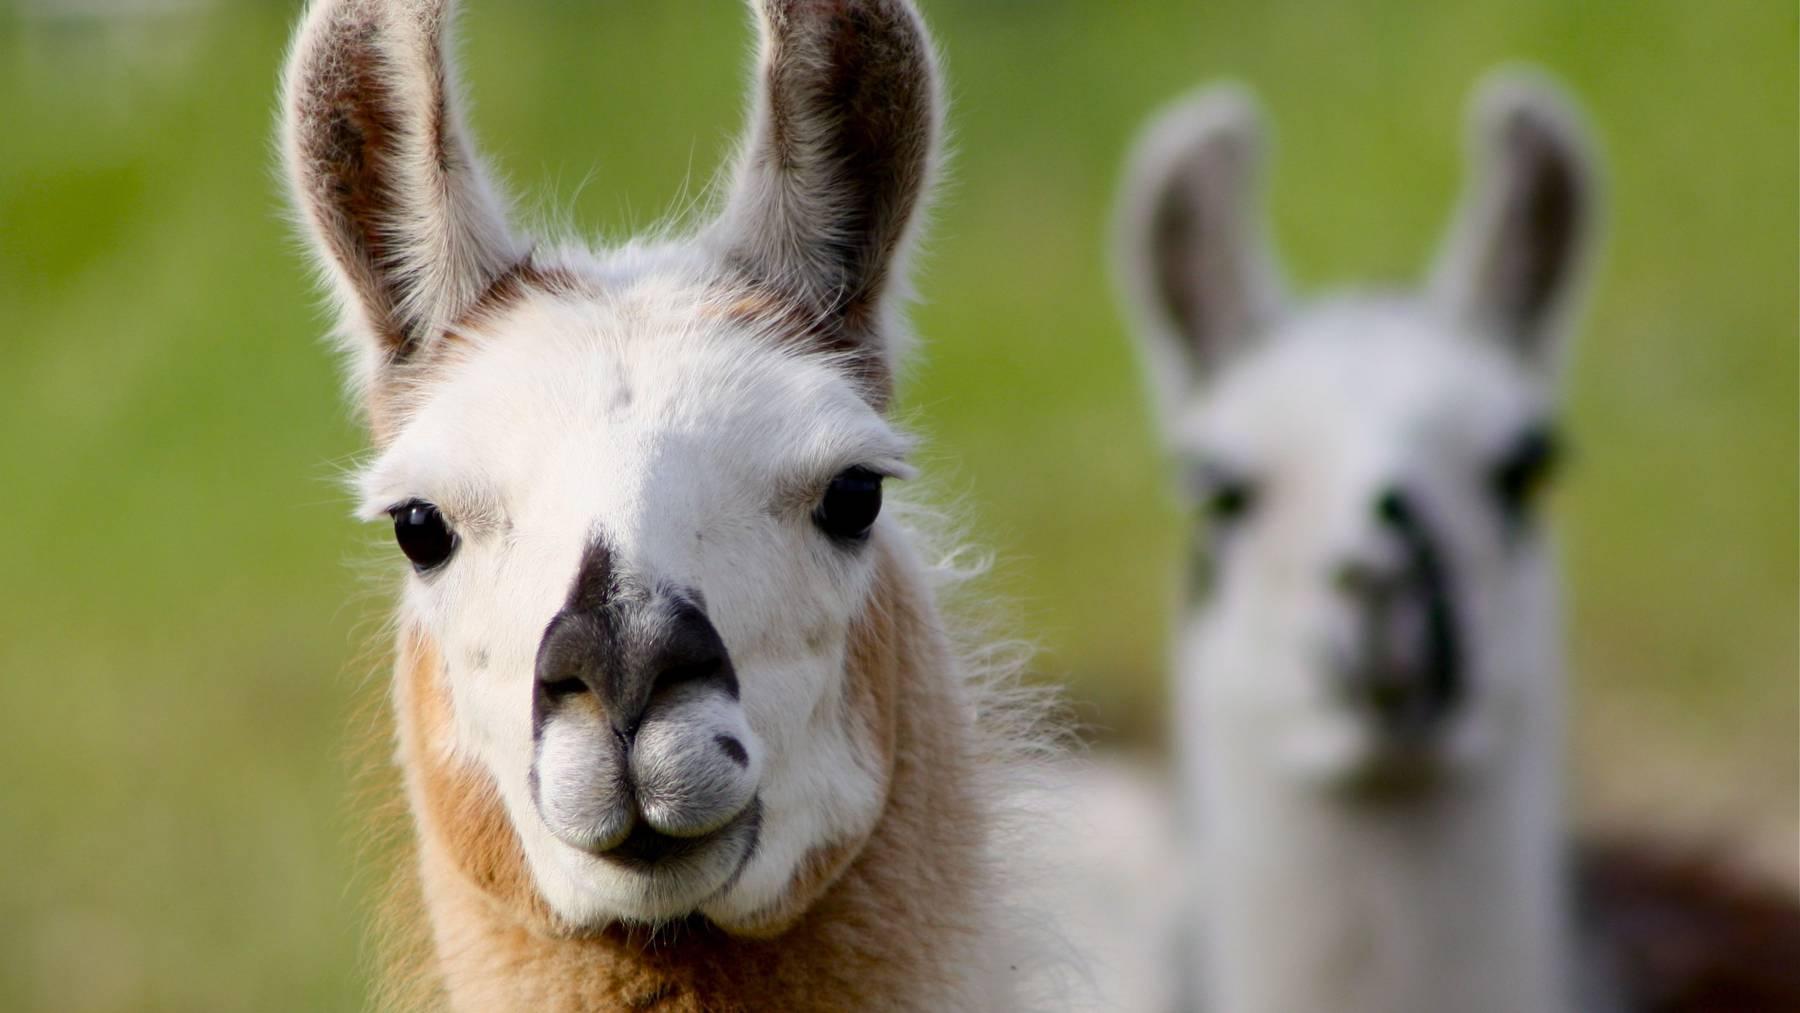 Im Tier- und Freizeitpark gibt es neben Lamas, unter anderem Esel, Ziegen und ein Wollschwein zu bestaunen. (Symbolbild)